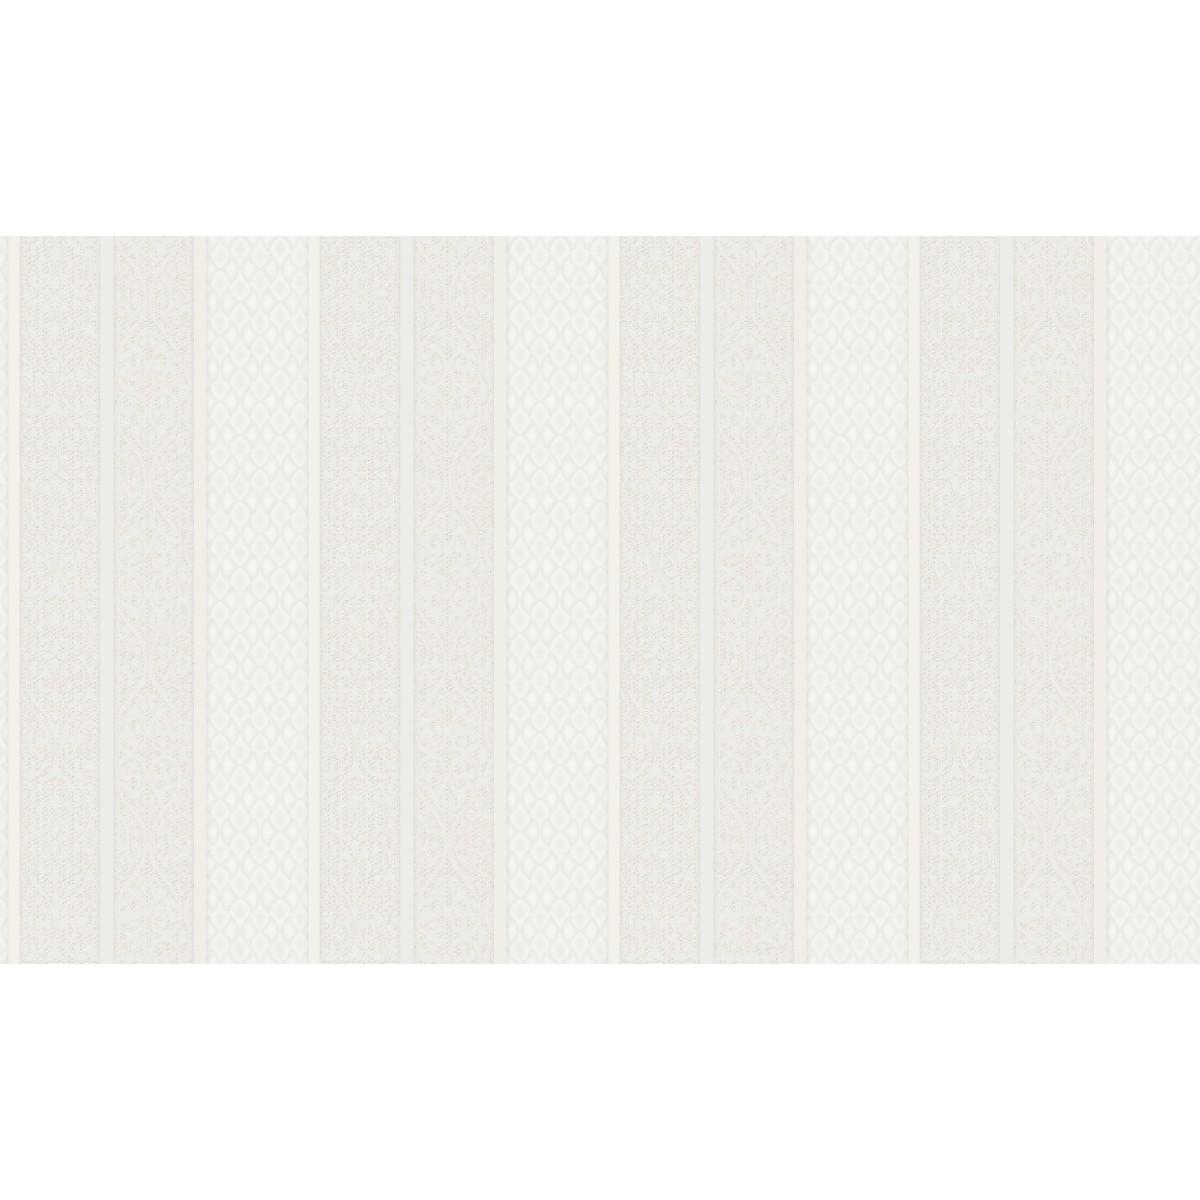 Обои флизелиновые Euro Decor Adagio серые 1.06 м 4574-5